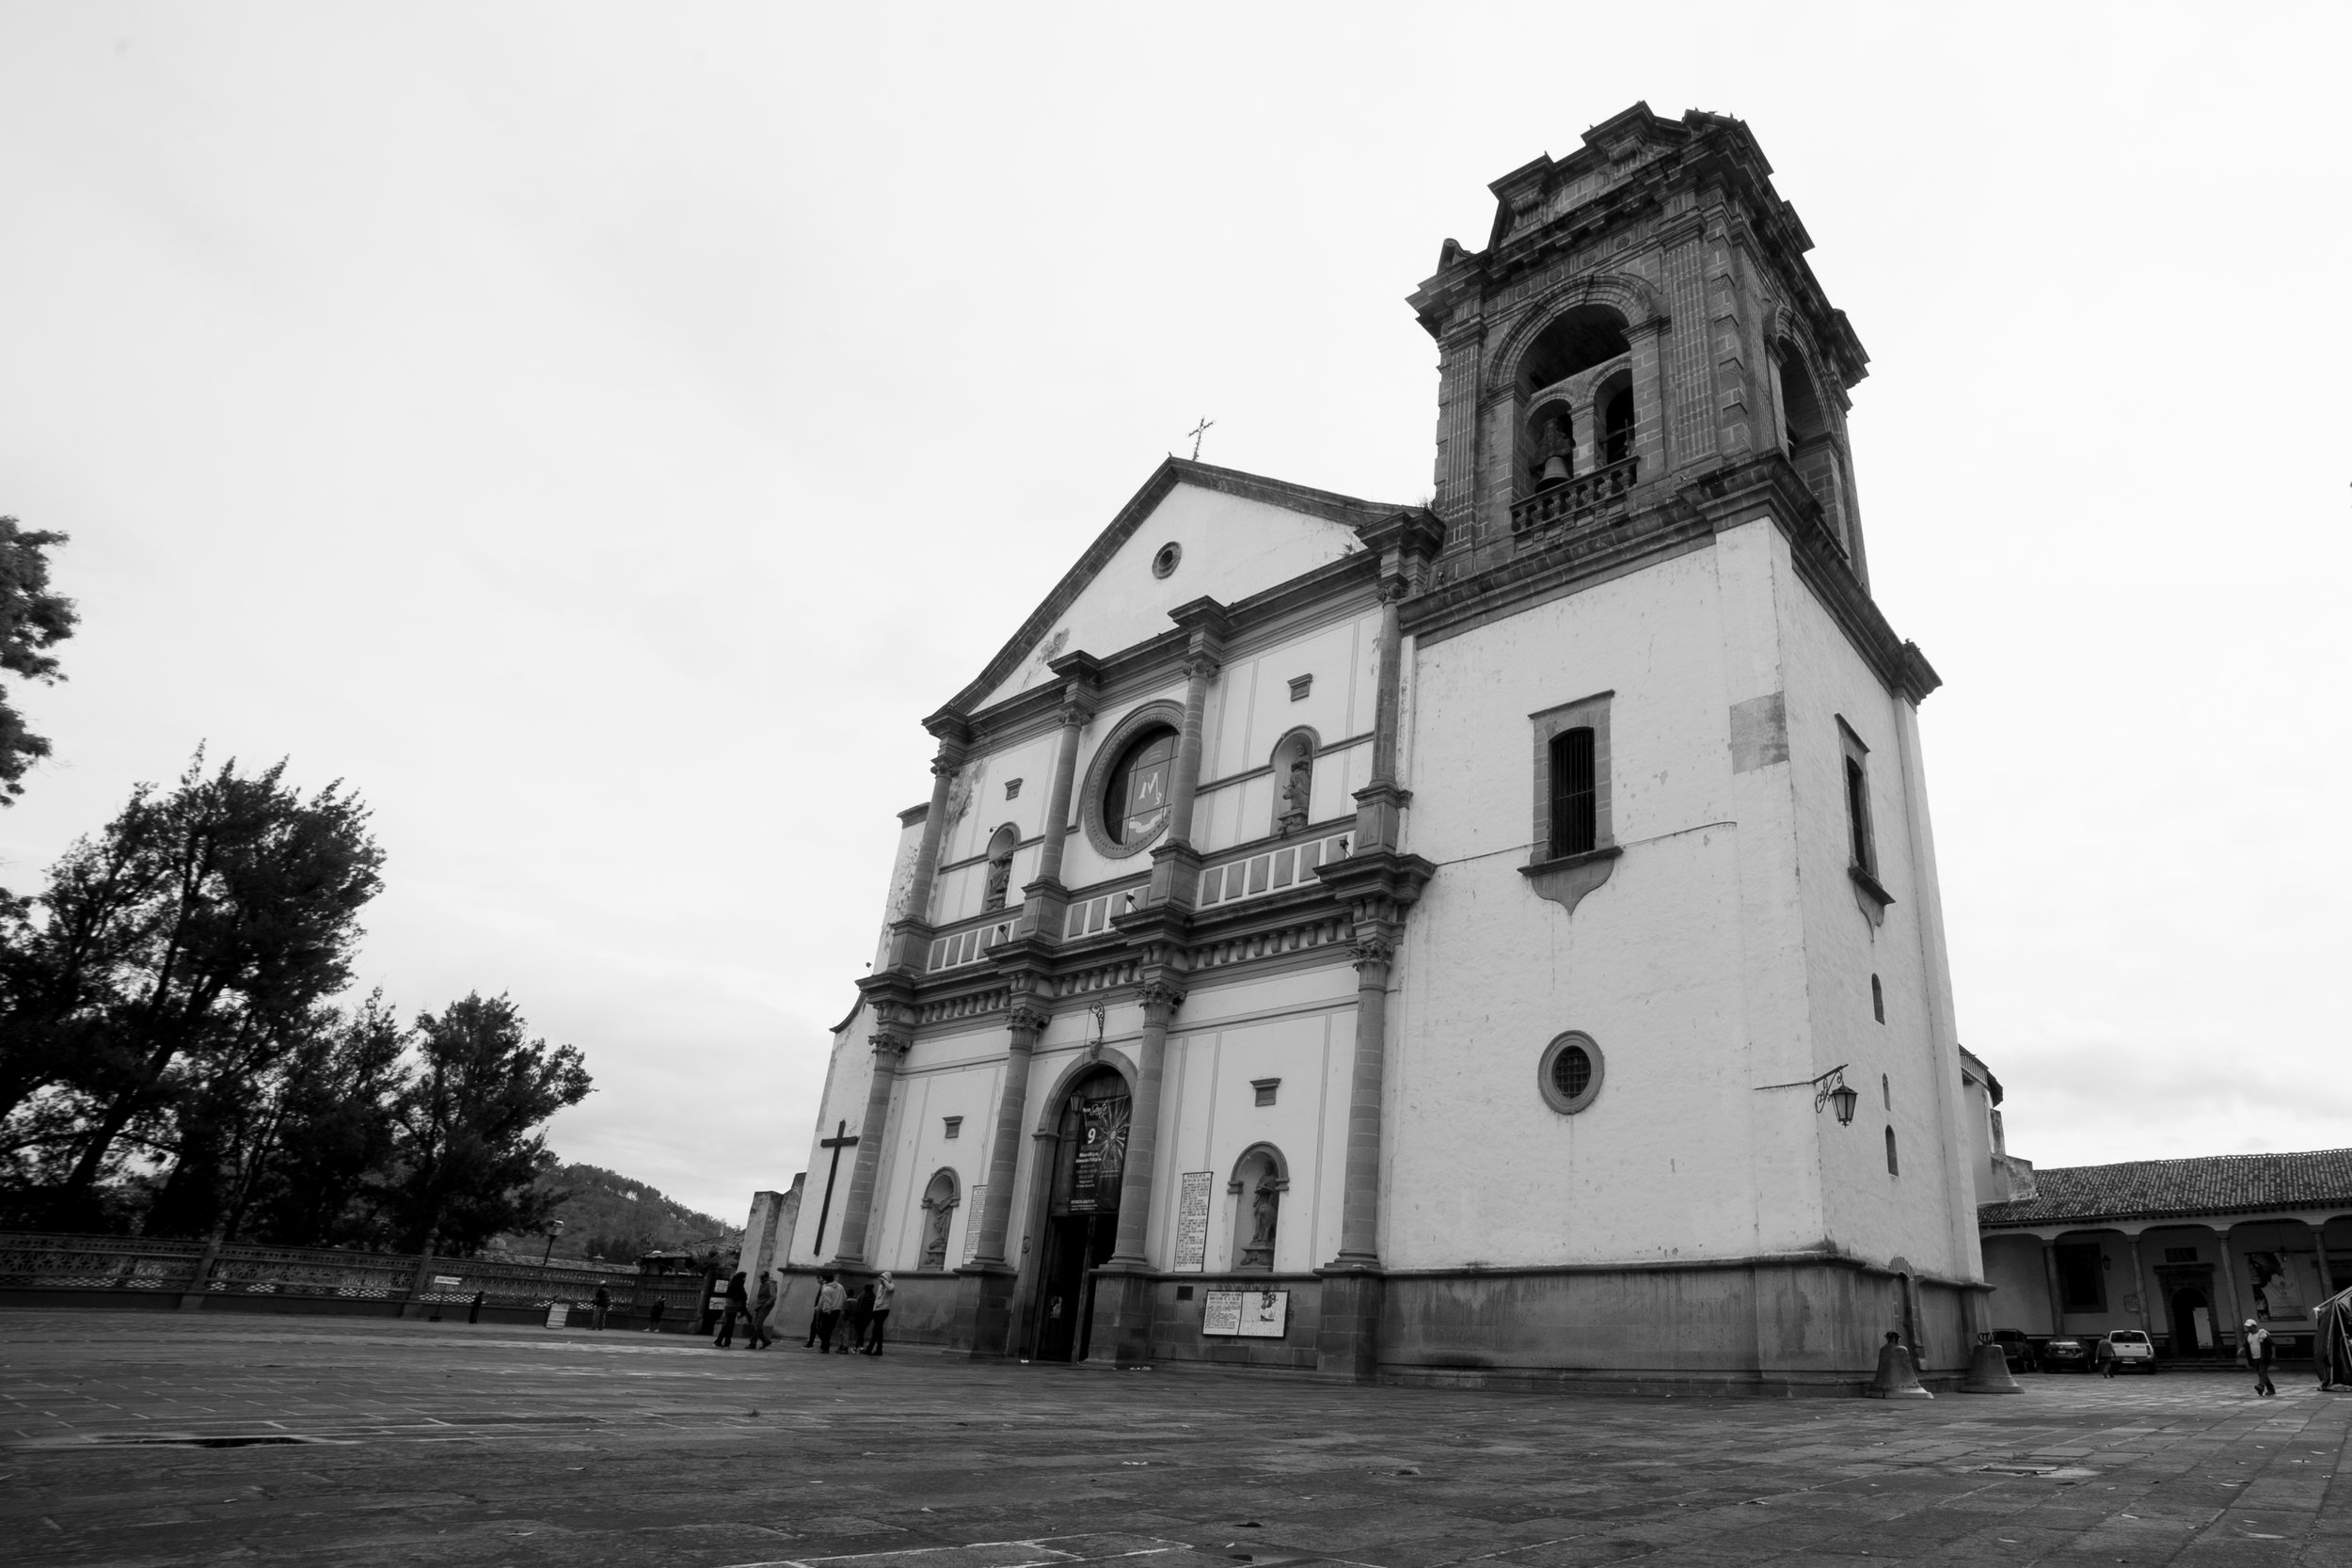 Basilica de Nuestra Señora de la Salud